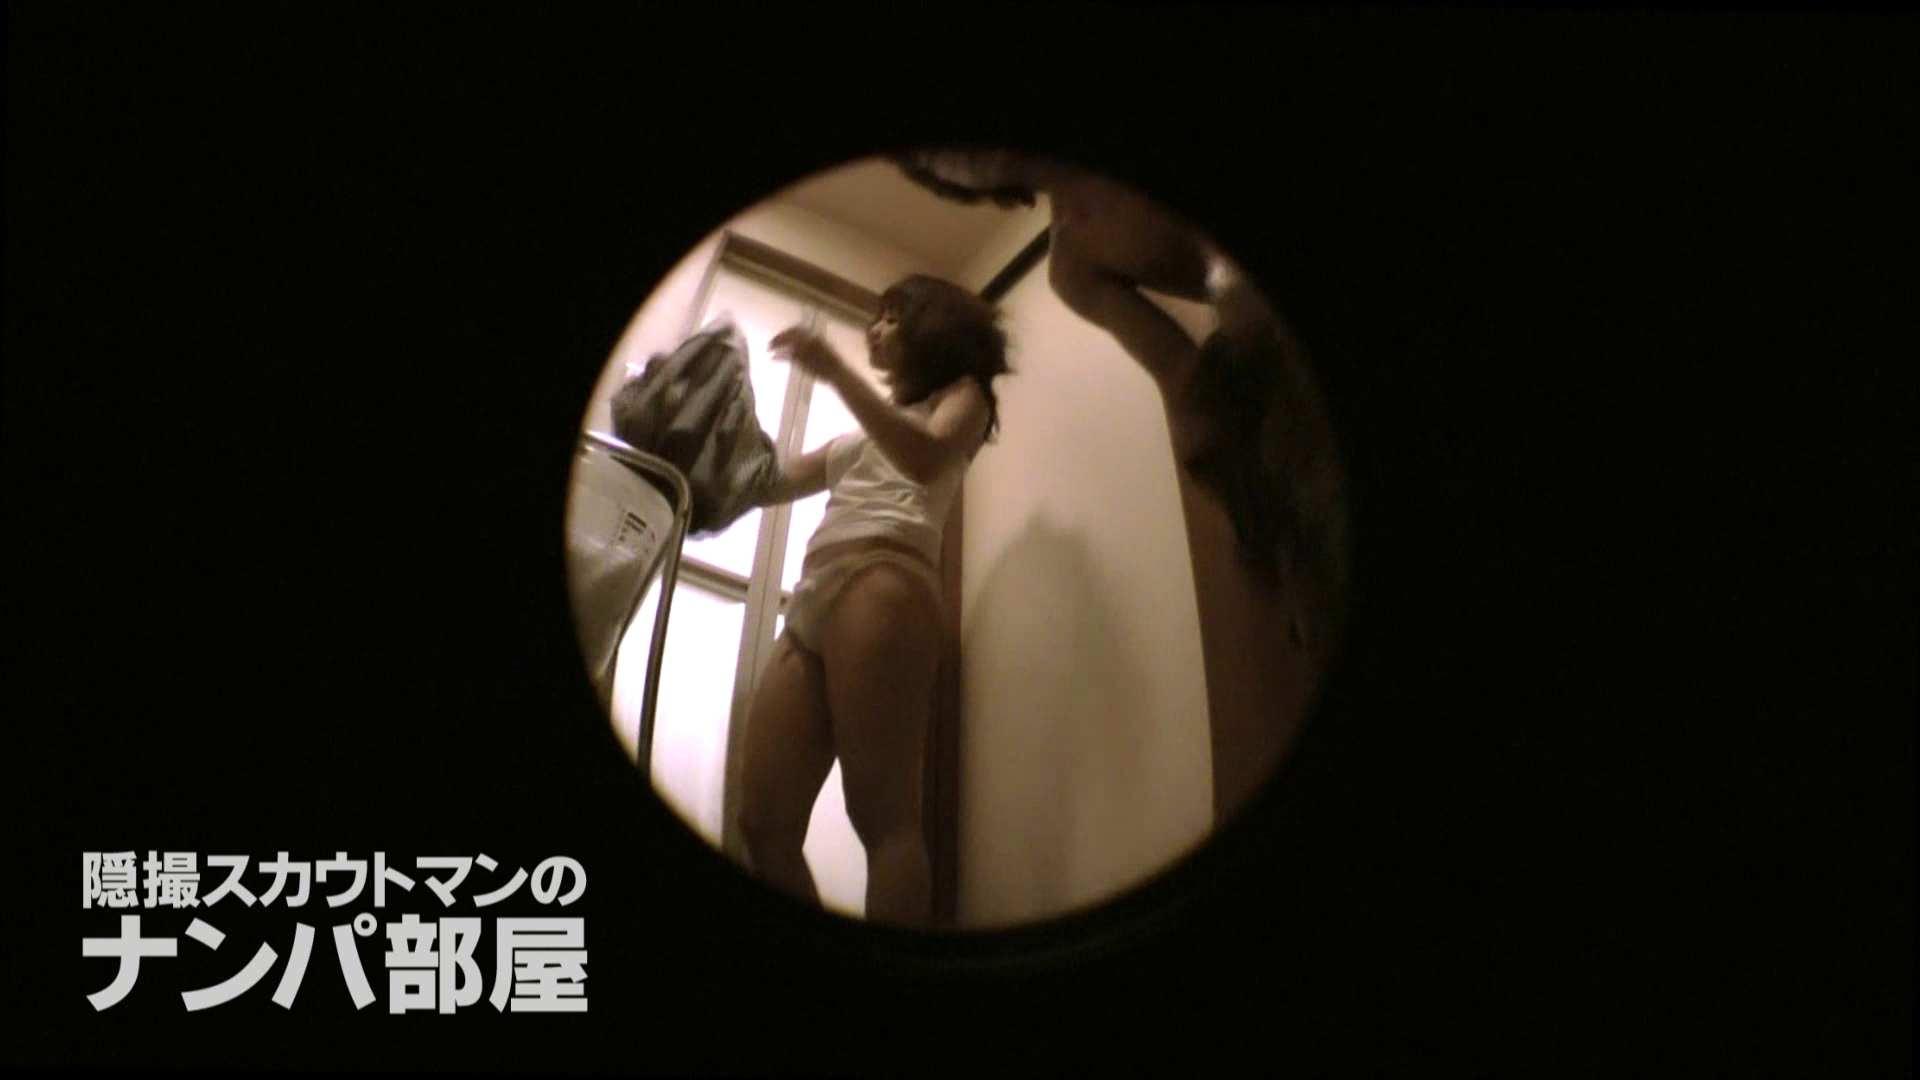 隠撮スカウトマンのナンパ部屋~風俗デビュー前のつまみ食い~ siivol.3 OLのエロ生活  39連発 36